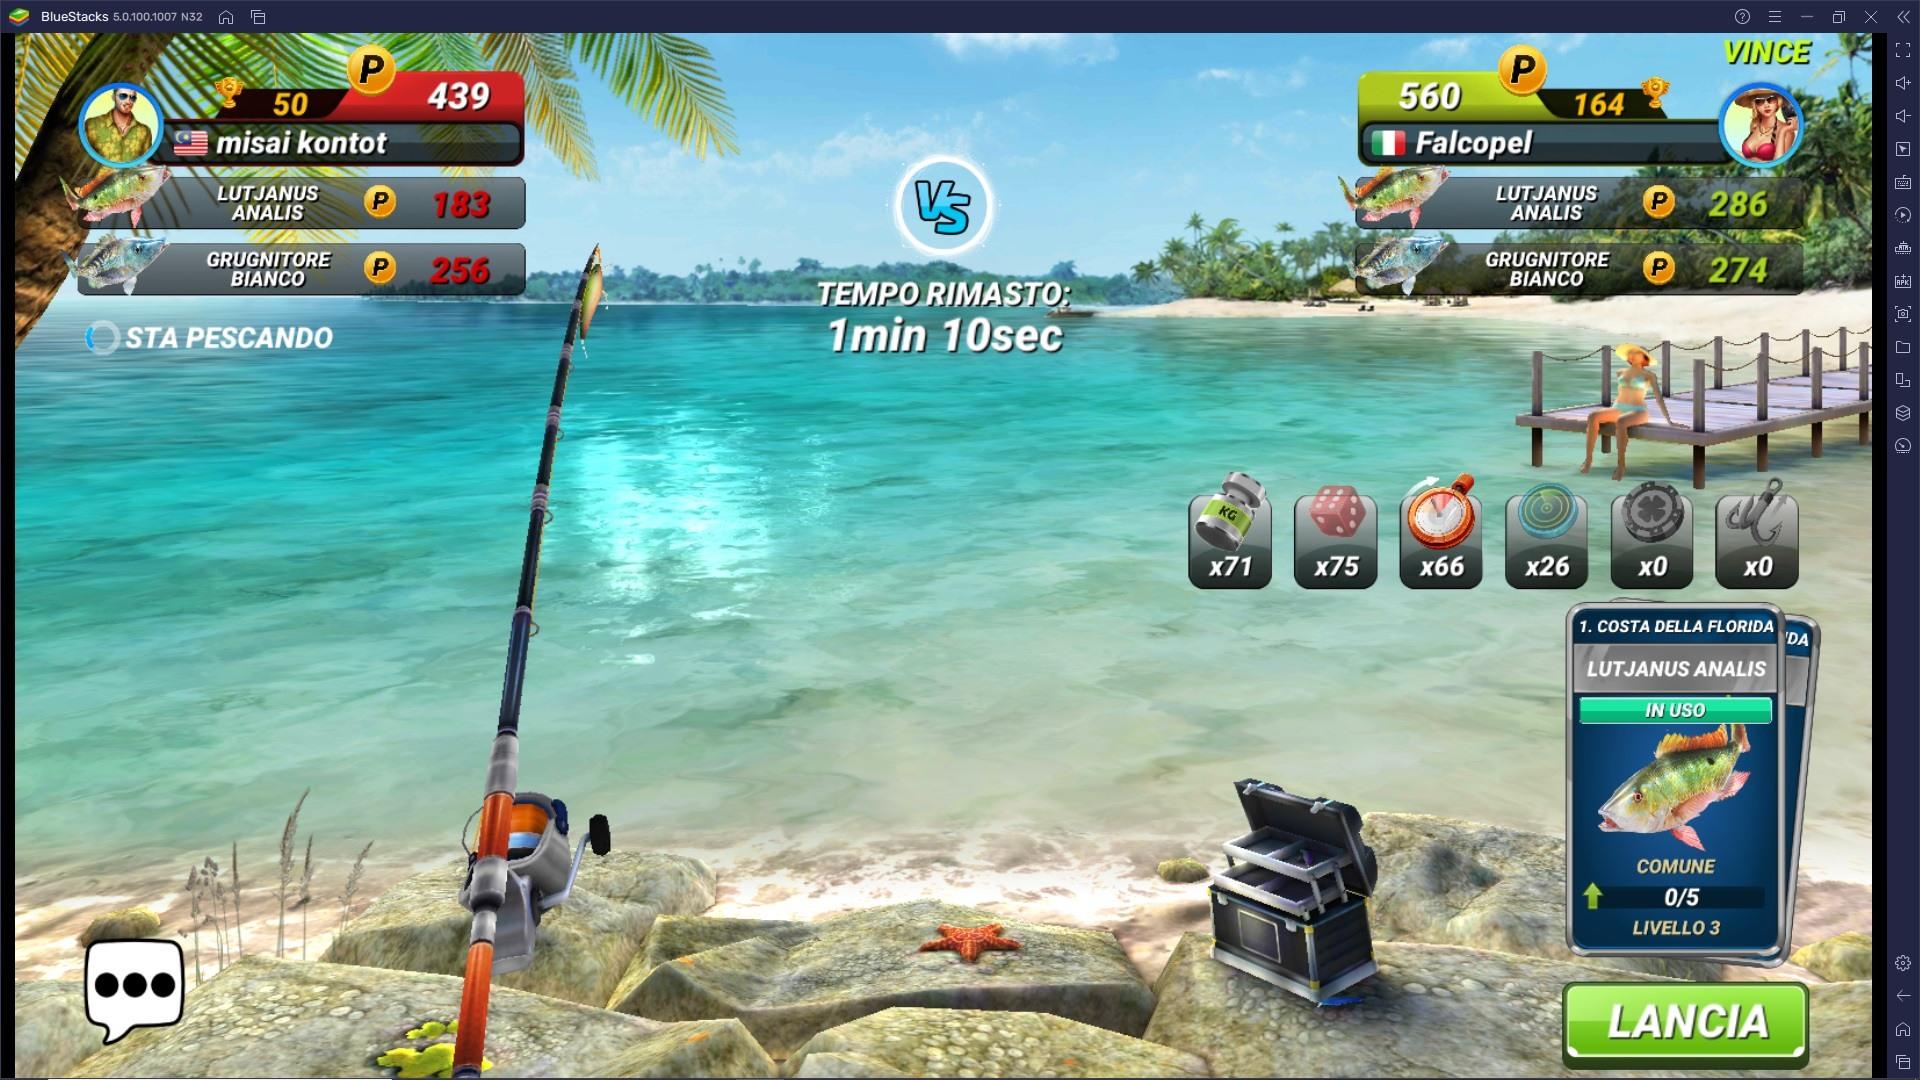 Ottieni punti XP e sblocca rapidamente nuove aree di pesca in Fishing Clash!